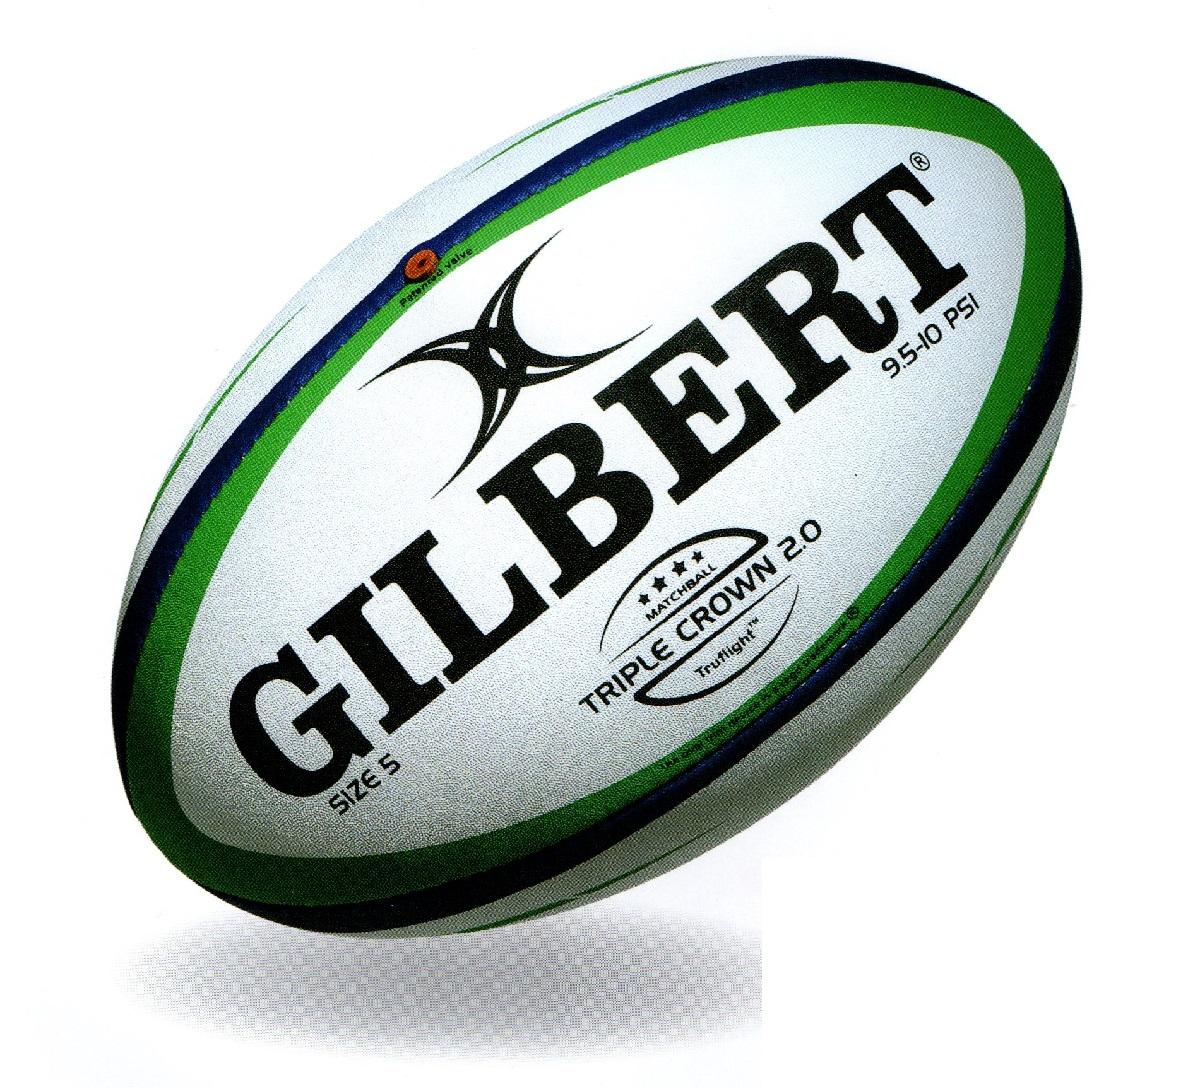 ギルバート GB-9181 情熱セール トリプルクラウン2.0 ラグビー 5号 ボール 蔵